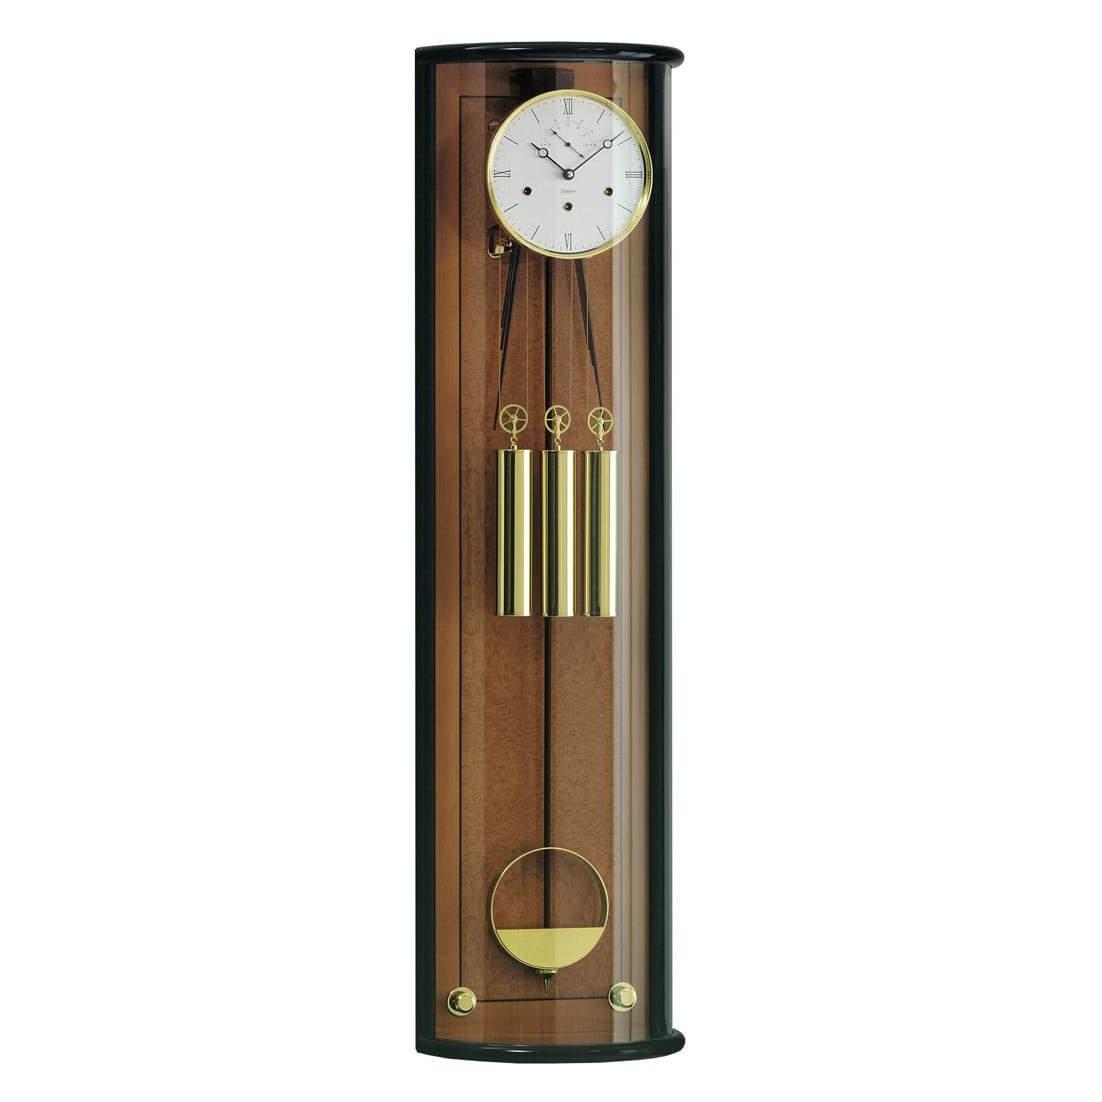 Đồng hồ treo tường cao cấp KIENINGER 2565-92-01